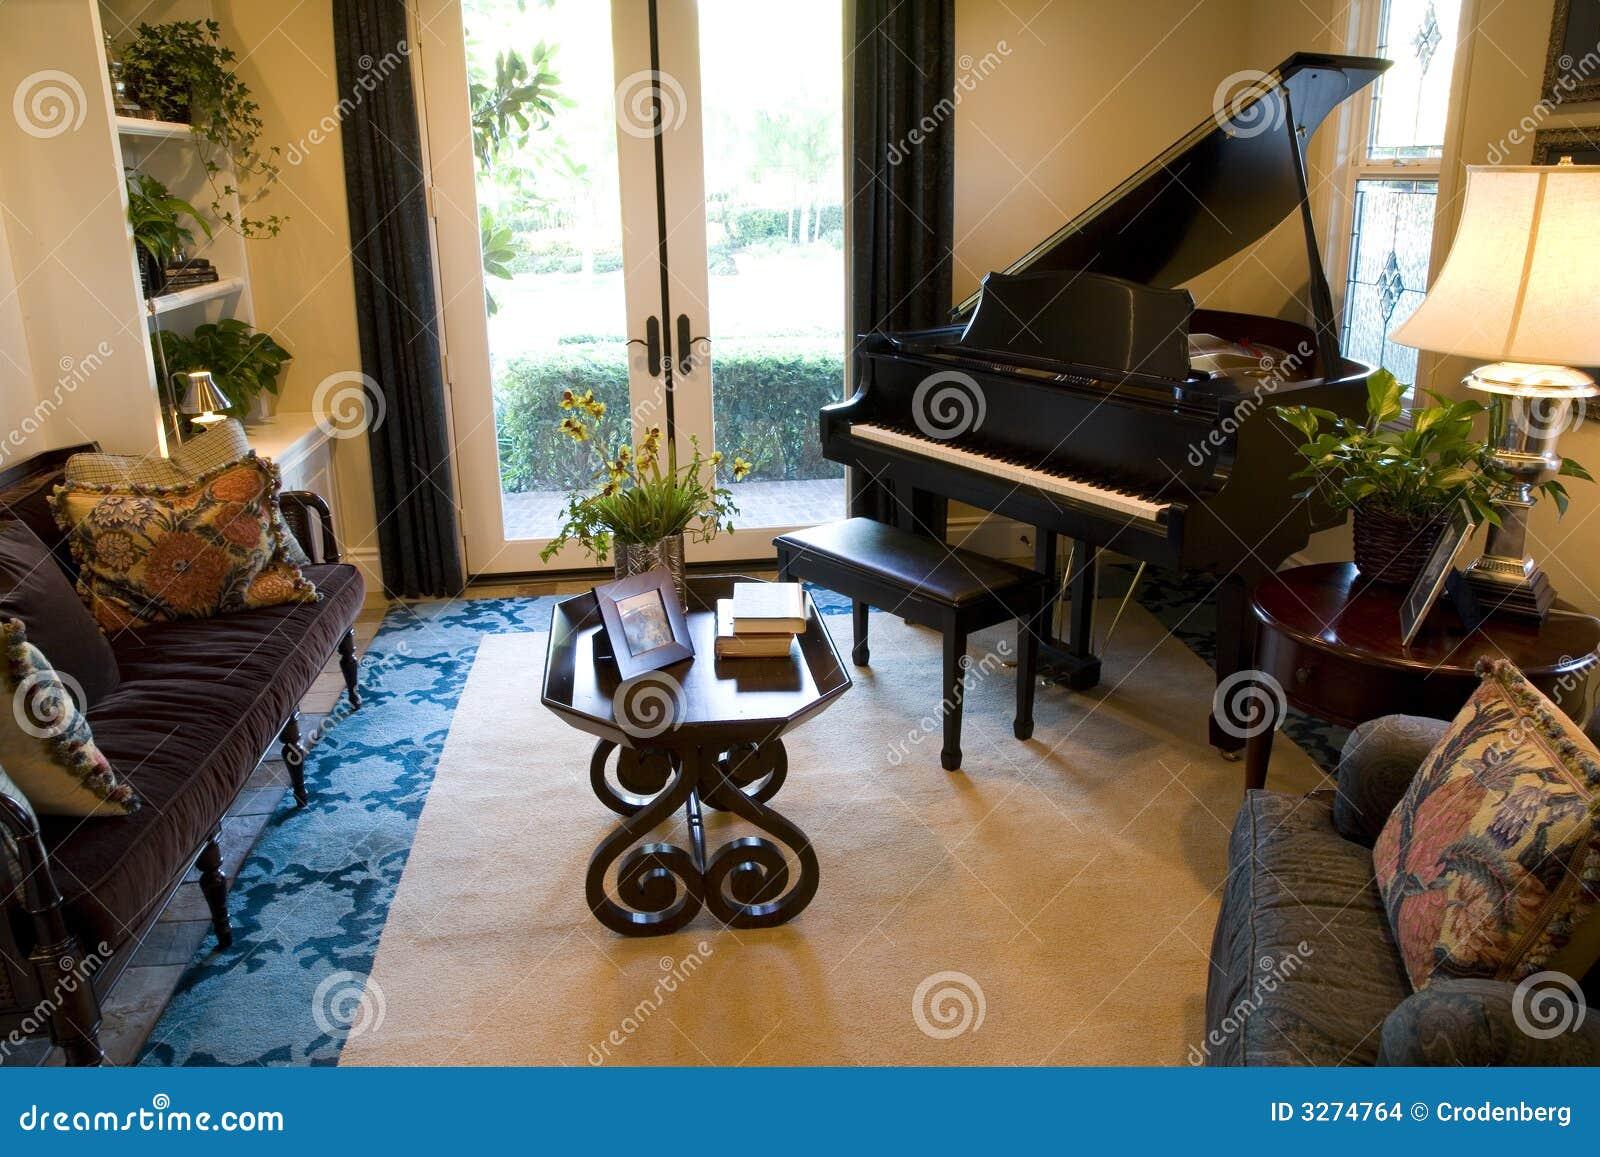 Grand piano 1850